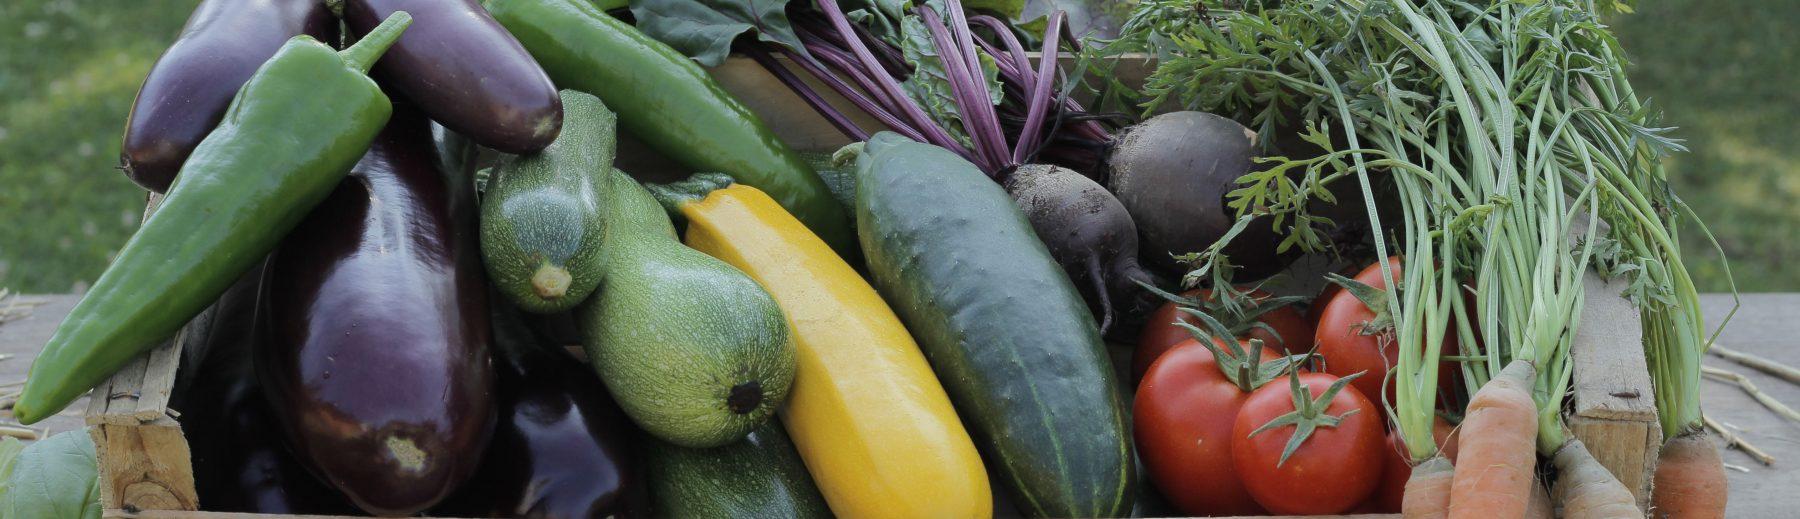 Permaraicher : maraicher en permaculture